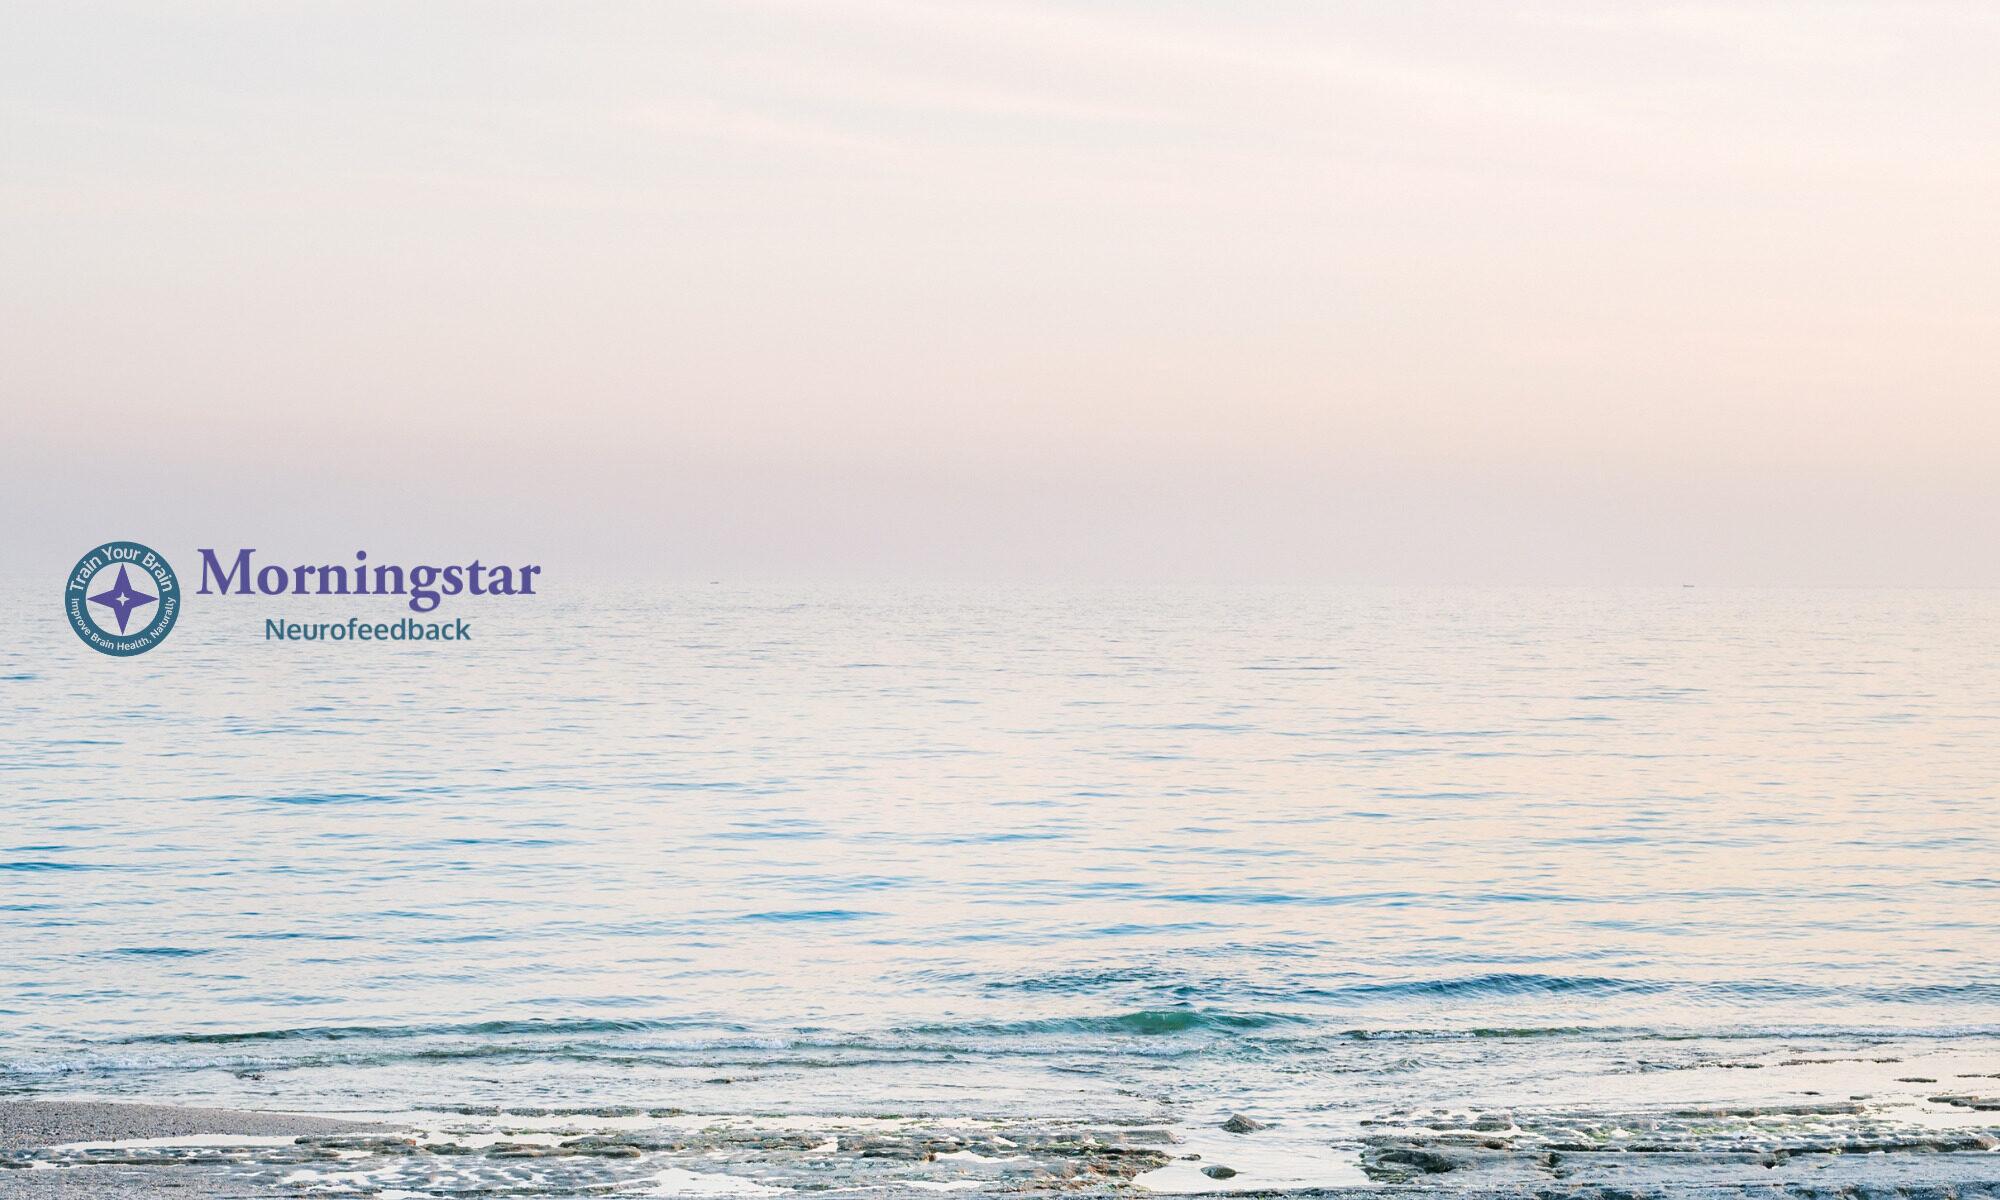 Morningstar Neurofeedback